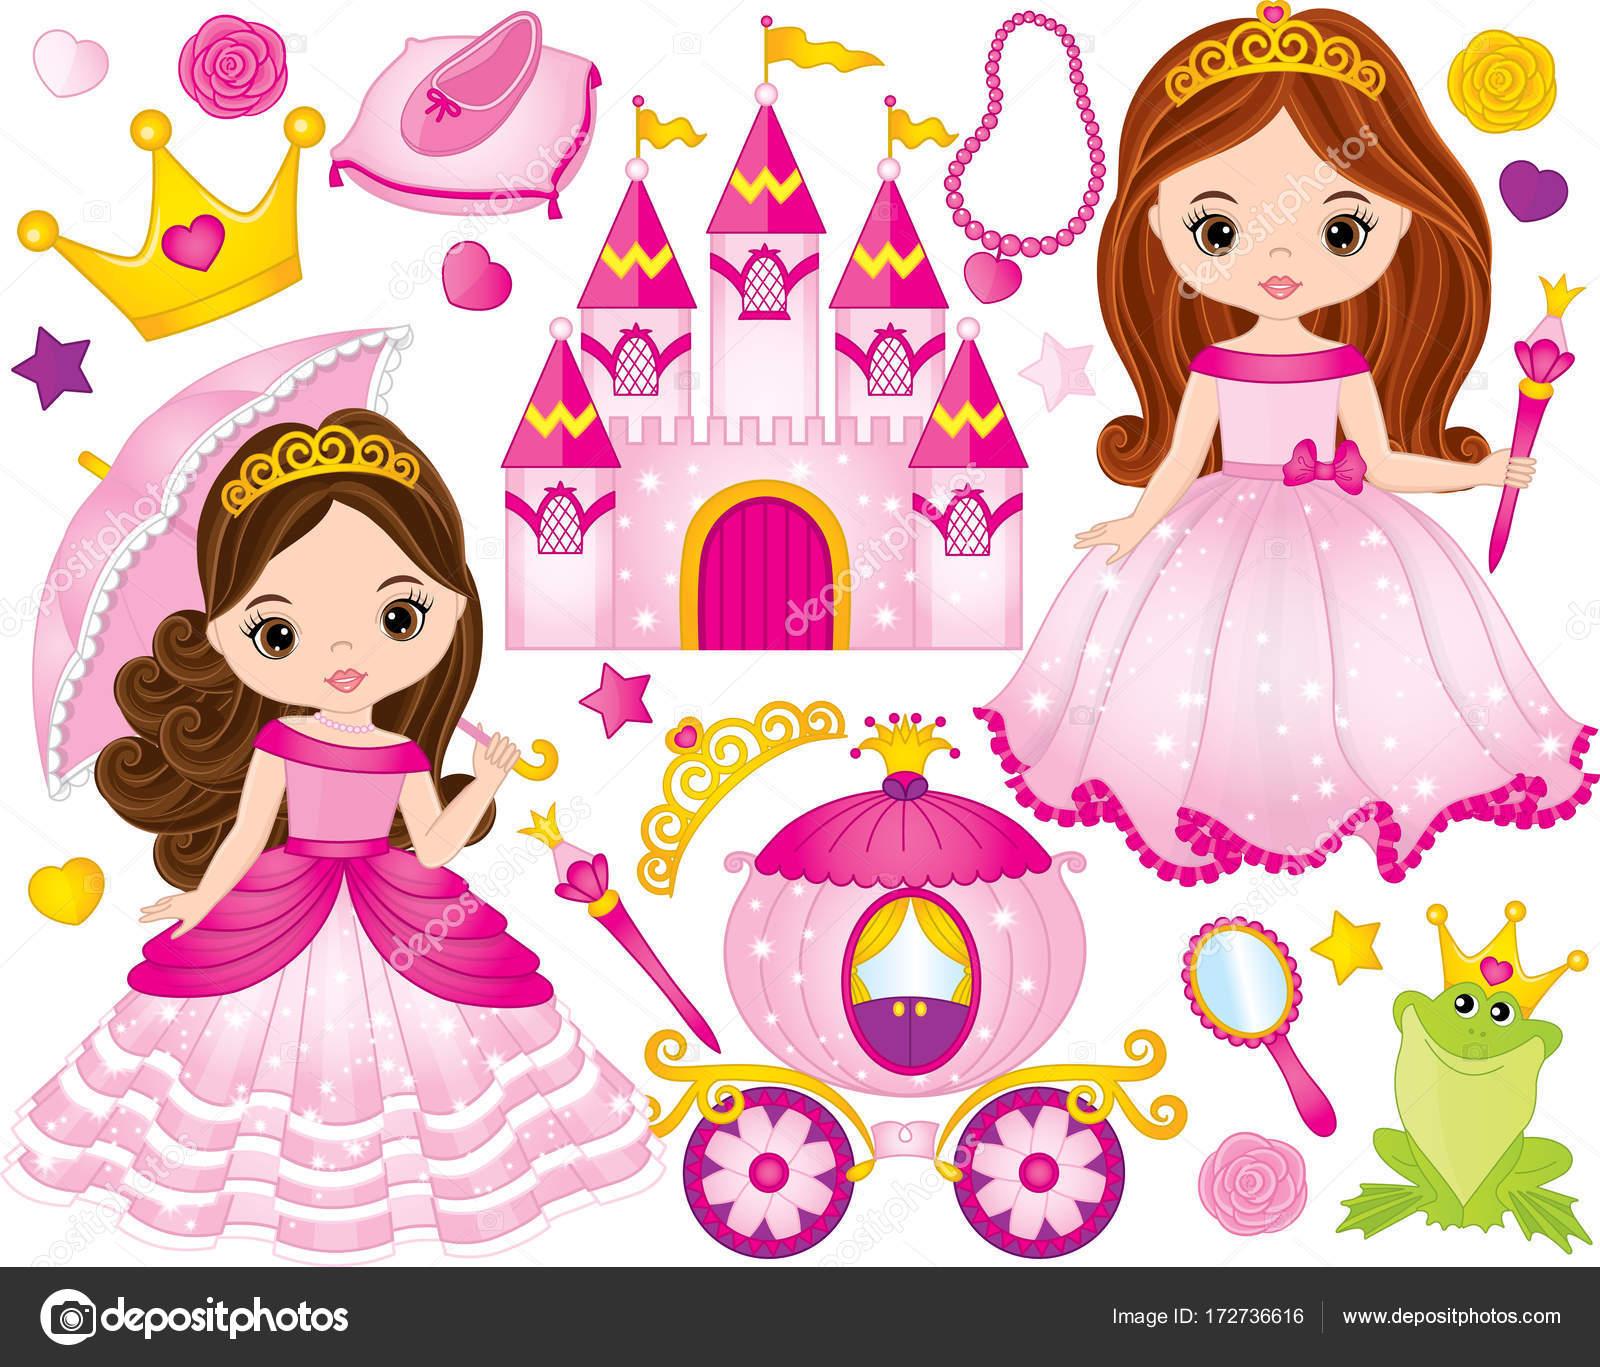 e456351c035 vector set van mooie prinses kasteel vervoer kikker kroon schoenen en  accessoires vector prinses prinses vector van marlenes with prinsessen  schoenen kind